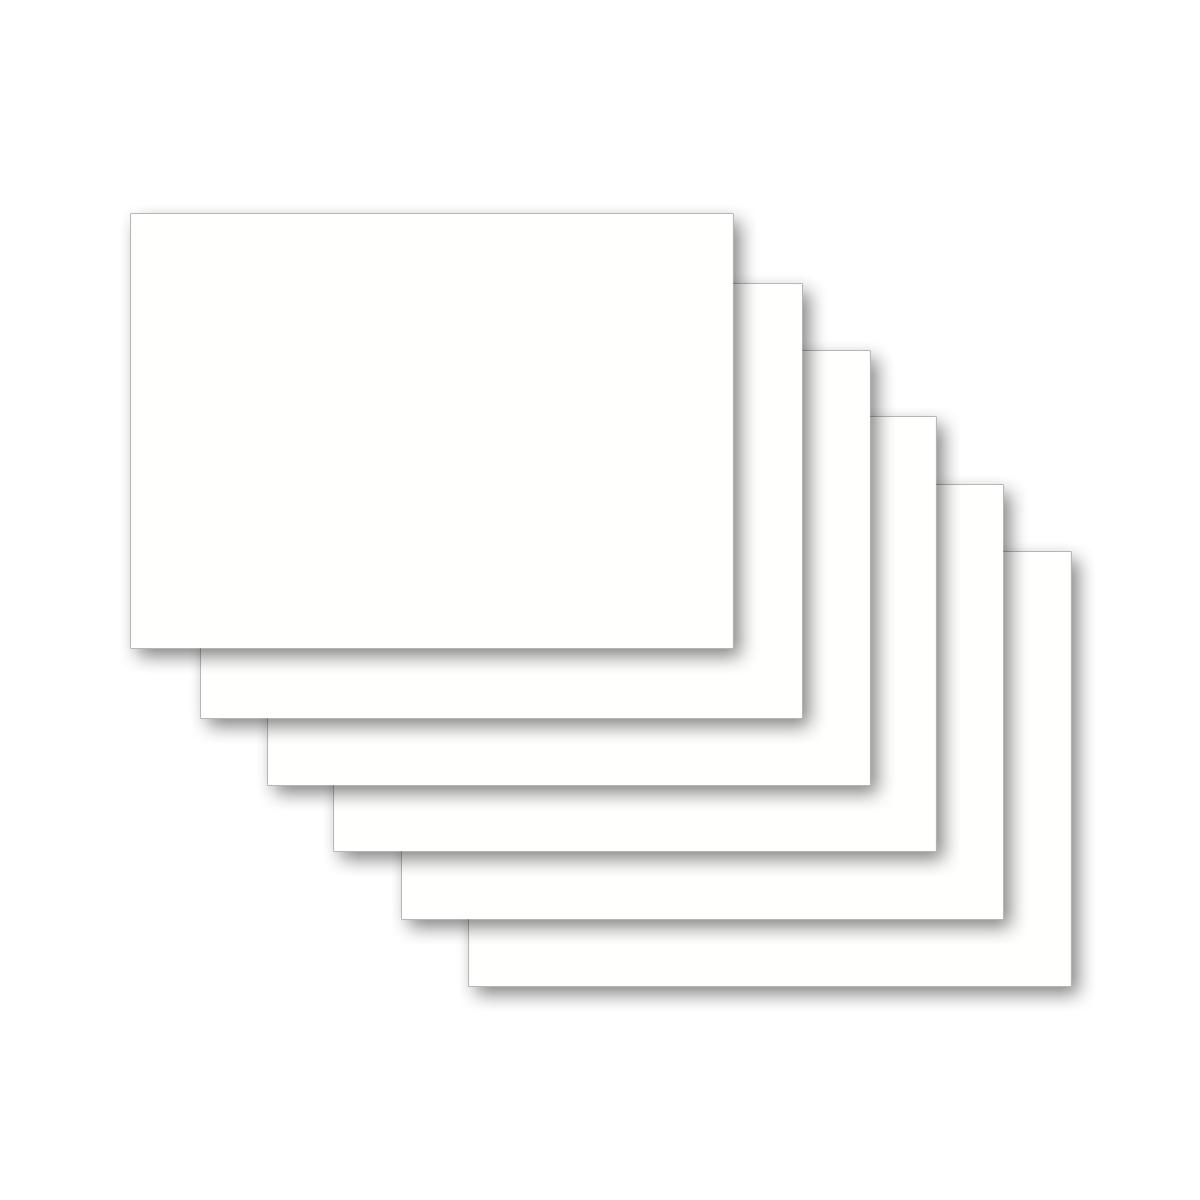 Karteikarten 500 St/ück A7 farbig blanko